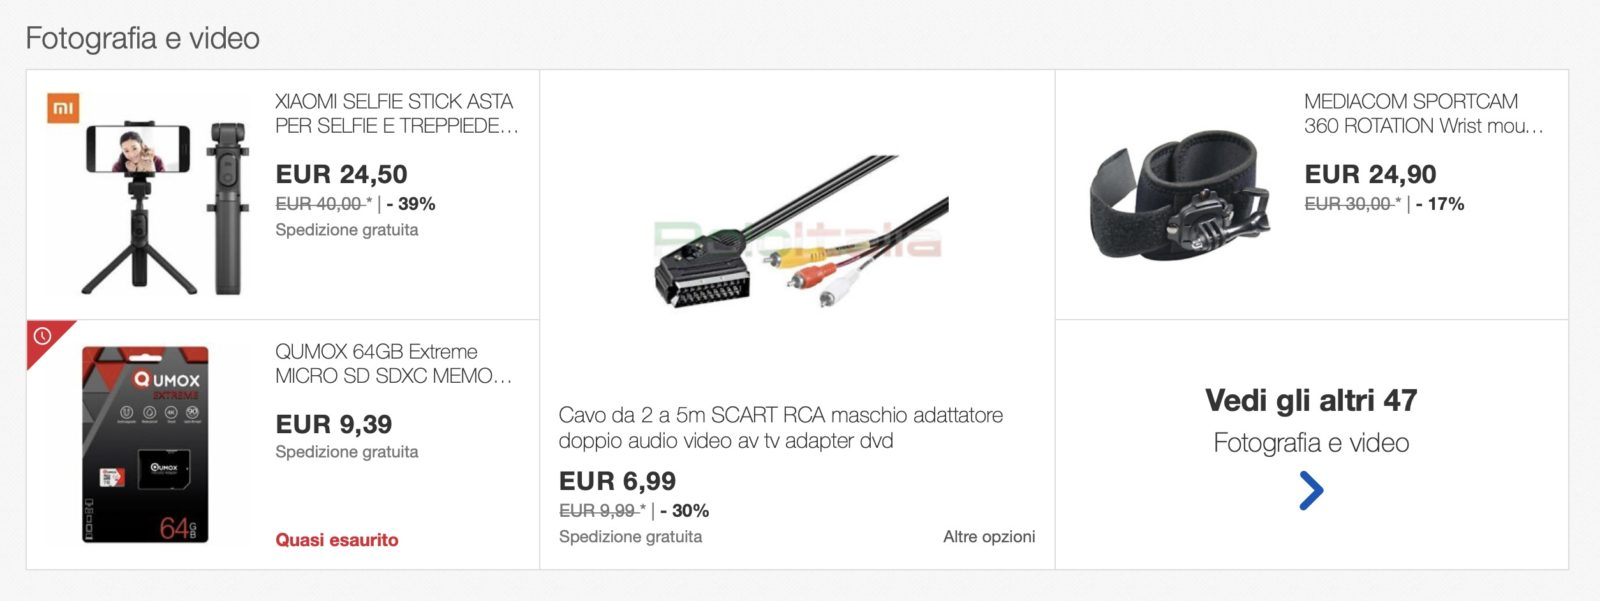 Sconti eBay su iPhone, iPad, audio e video